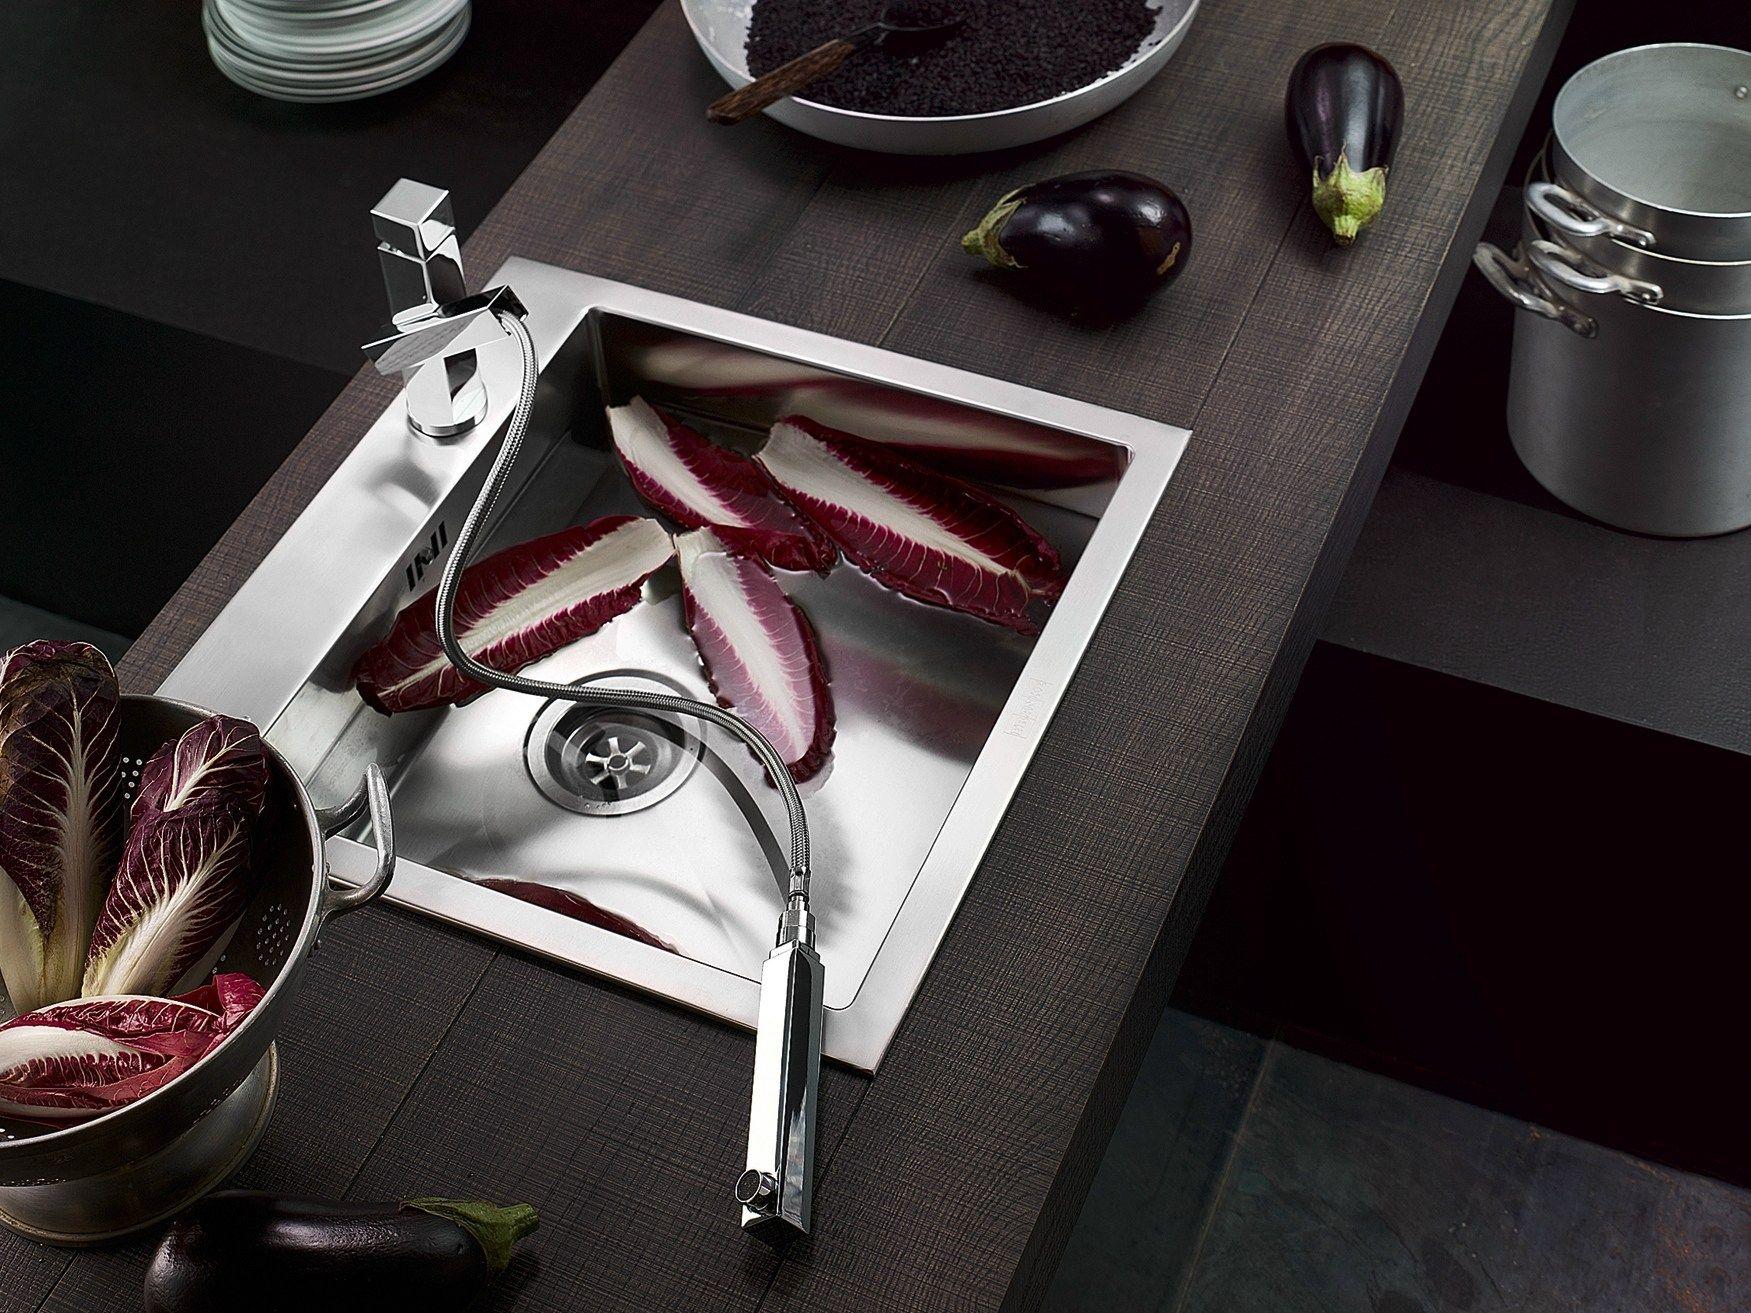 Tower Miscelatore Da Cucina Con Doccetta Estraibile By Carlo Nobili Rubinetterie Design Centro Stile: miscelatore cucina con doccetta estraibile